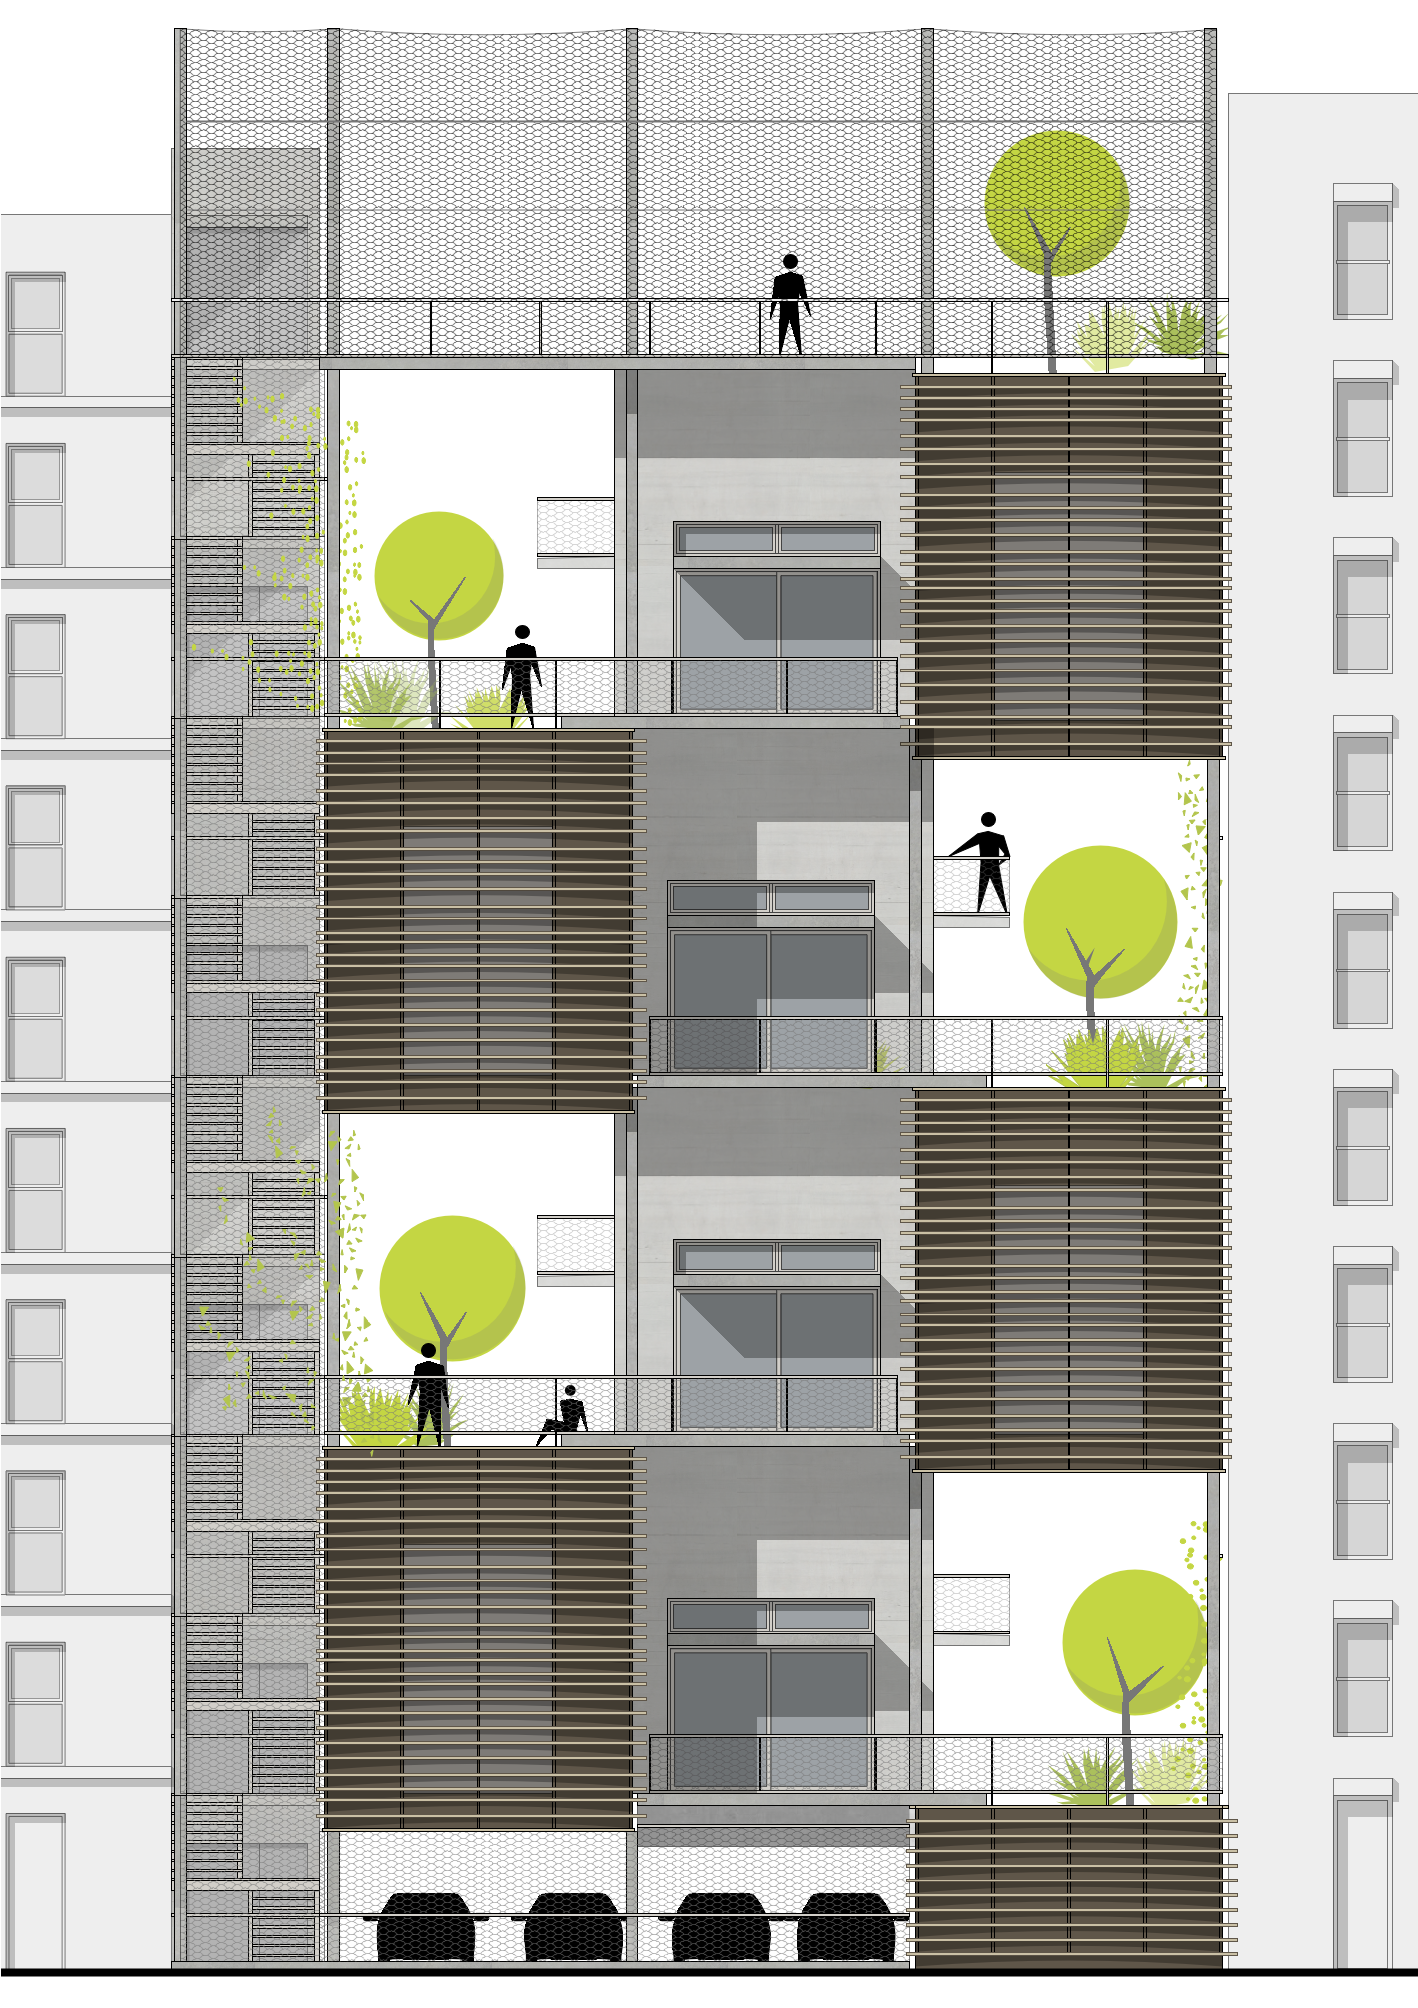 christophe-benichou-architectures-impasse-ciel-lotissement-vertical-08